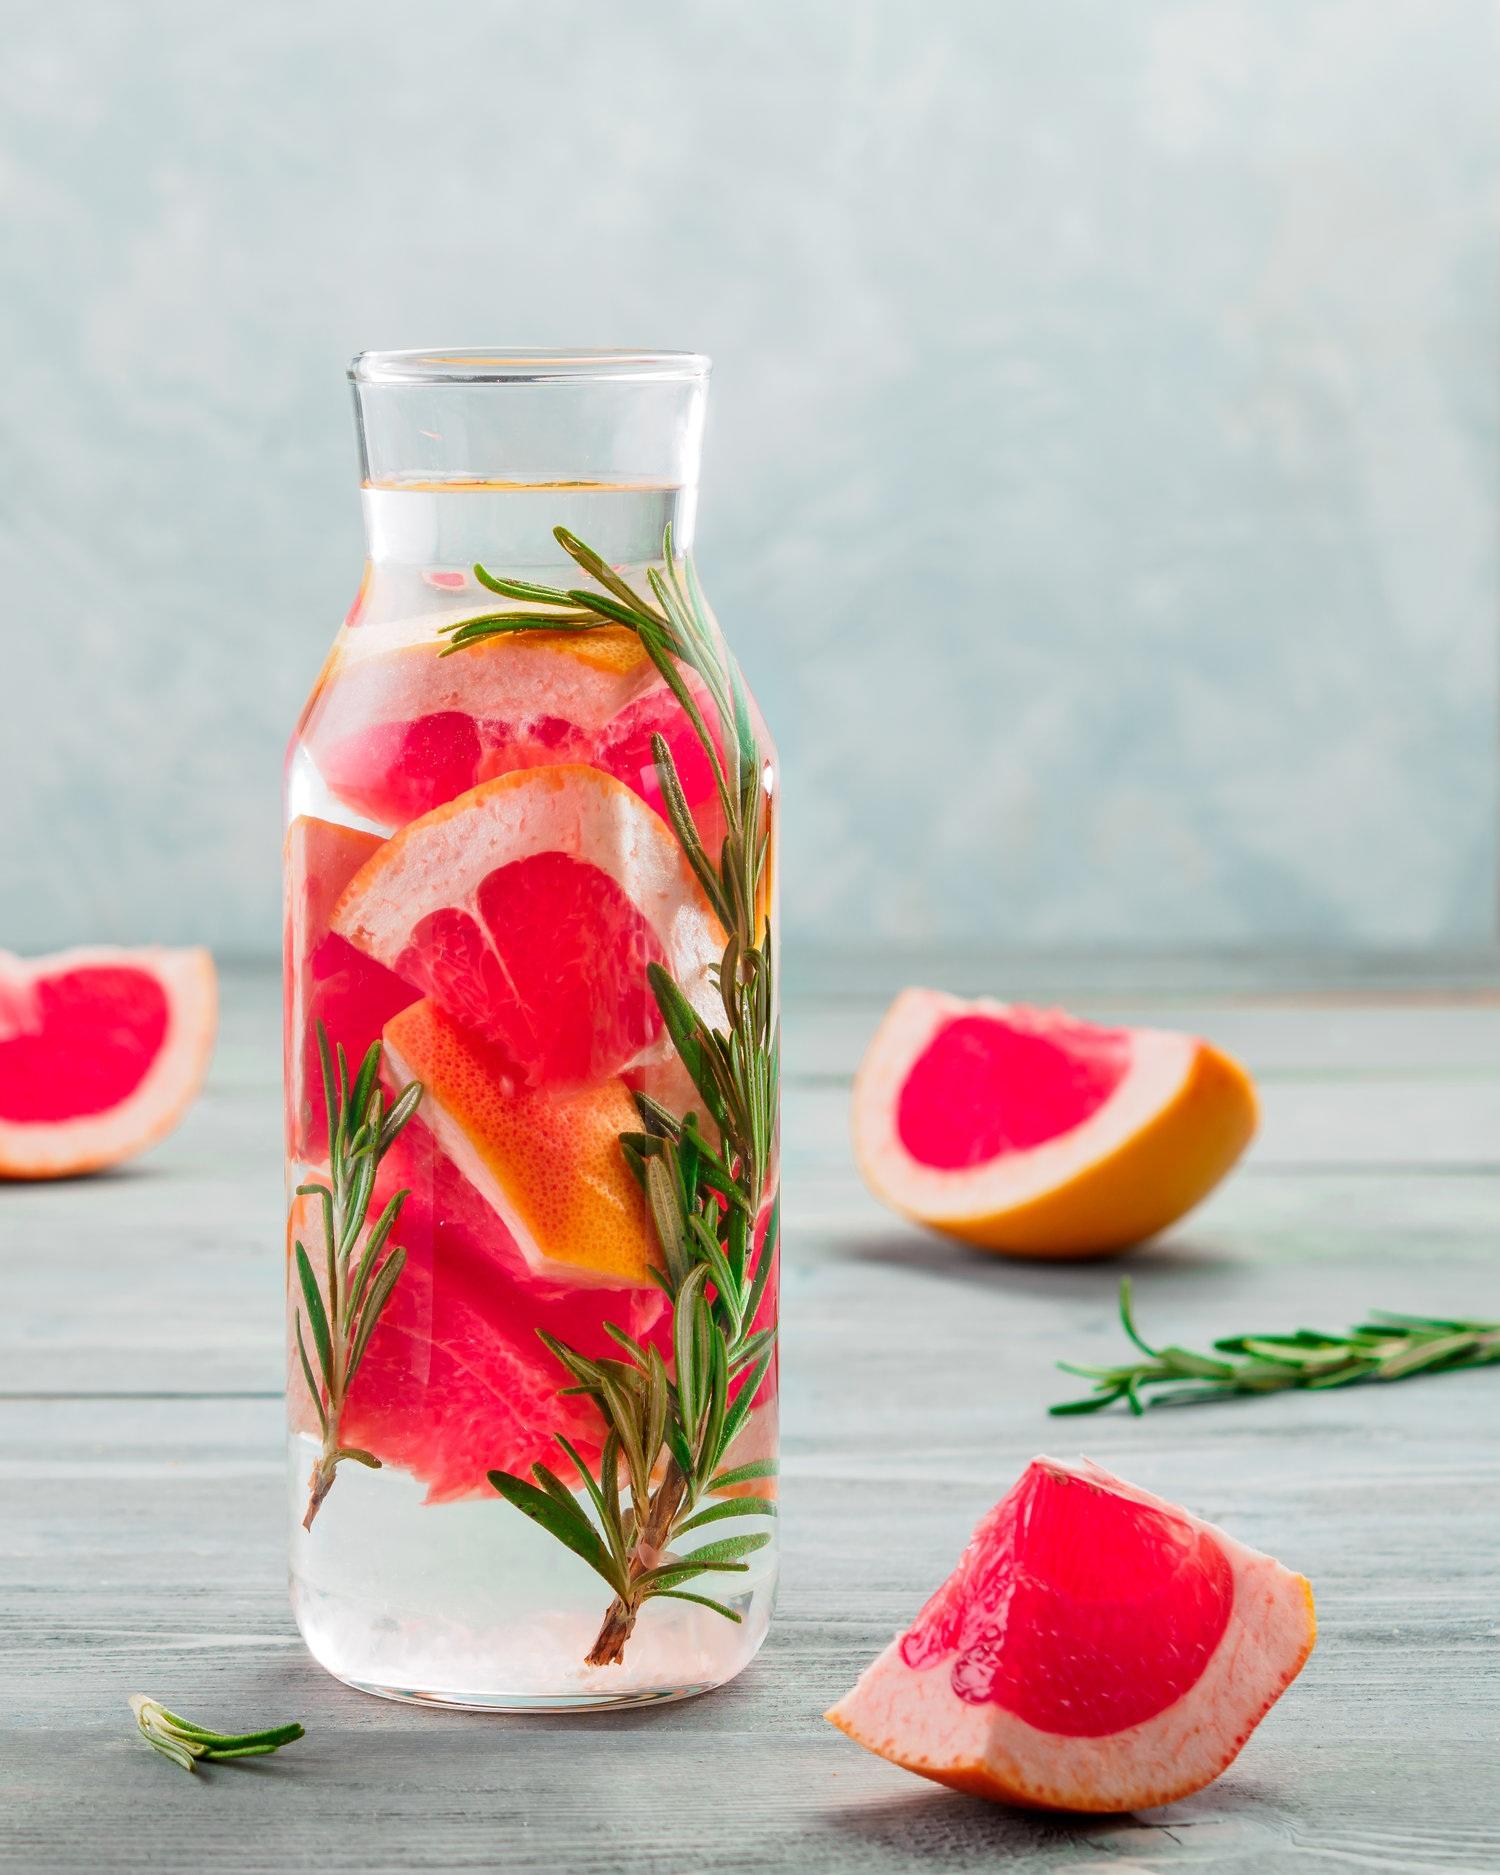 3. Aromatisez votre eau avec des fruits et des herbes fraîches - Pour certains, boire de l'eau « c'est plate ». Et si je vous proposais différentes façons d'agrémenter votre verre d'eau dans le but de délaisser votre boisson gazeuse, le feriez-vous? C'est un excellent truc pour augmenter votre consommation d'eau et du même coup réduire votre consommation de boissons gazeuses. Voici quelques combinaisons savoureuses de fruits, légumes et herbes qui vous feront apprécier l'eau : tranches de concombre et quartiers de pamplemousse, morceaux de pêches et basilic frais, quartiers d'orange et morceaux de fraises, citron ou lime et menthe, poire et bâton de cannelle, ananas et gingembre frais, concombre et citronnelle… les combinaisons sont infinies. Laissez aller votre imagination!